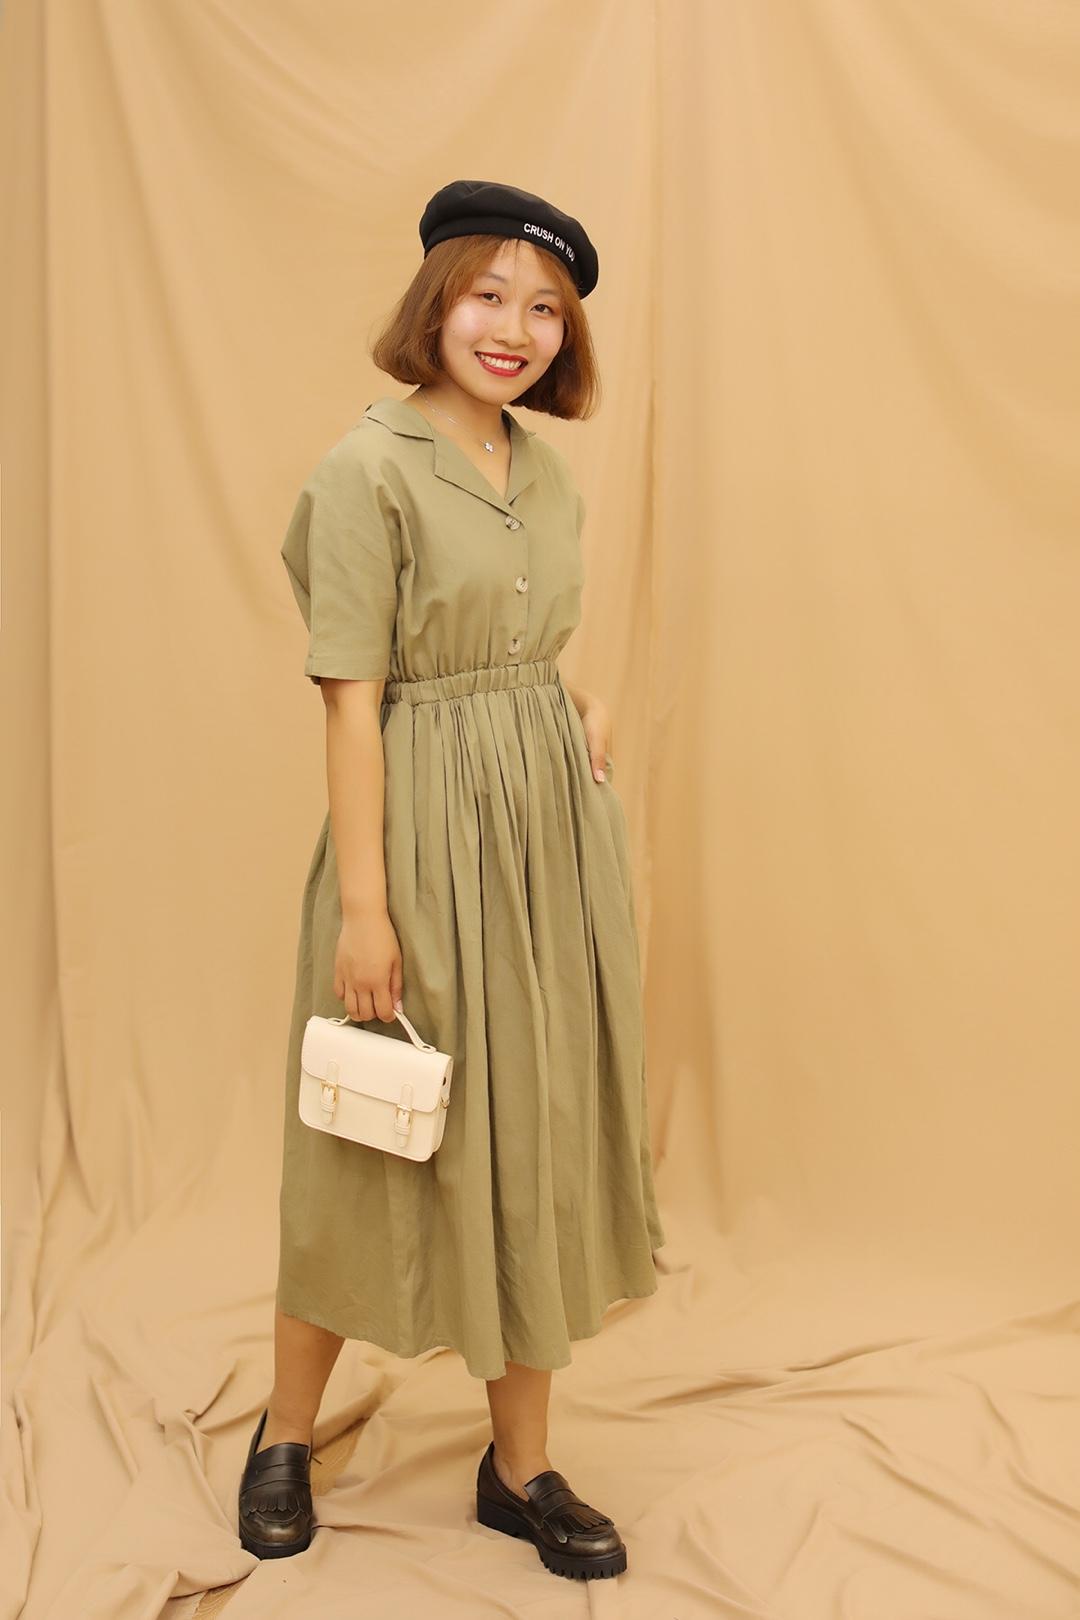 #MOGU STUDIO#  连衣裙有收腰的设计, 👌啦,显腰身,妥妥的! V字领,有些小性感! 整件连衣裙有些复古的感觉! 贝雷帽更是增加了俏皮可爱之感! 爱哇~